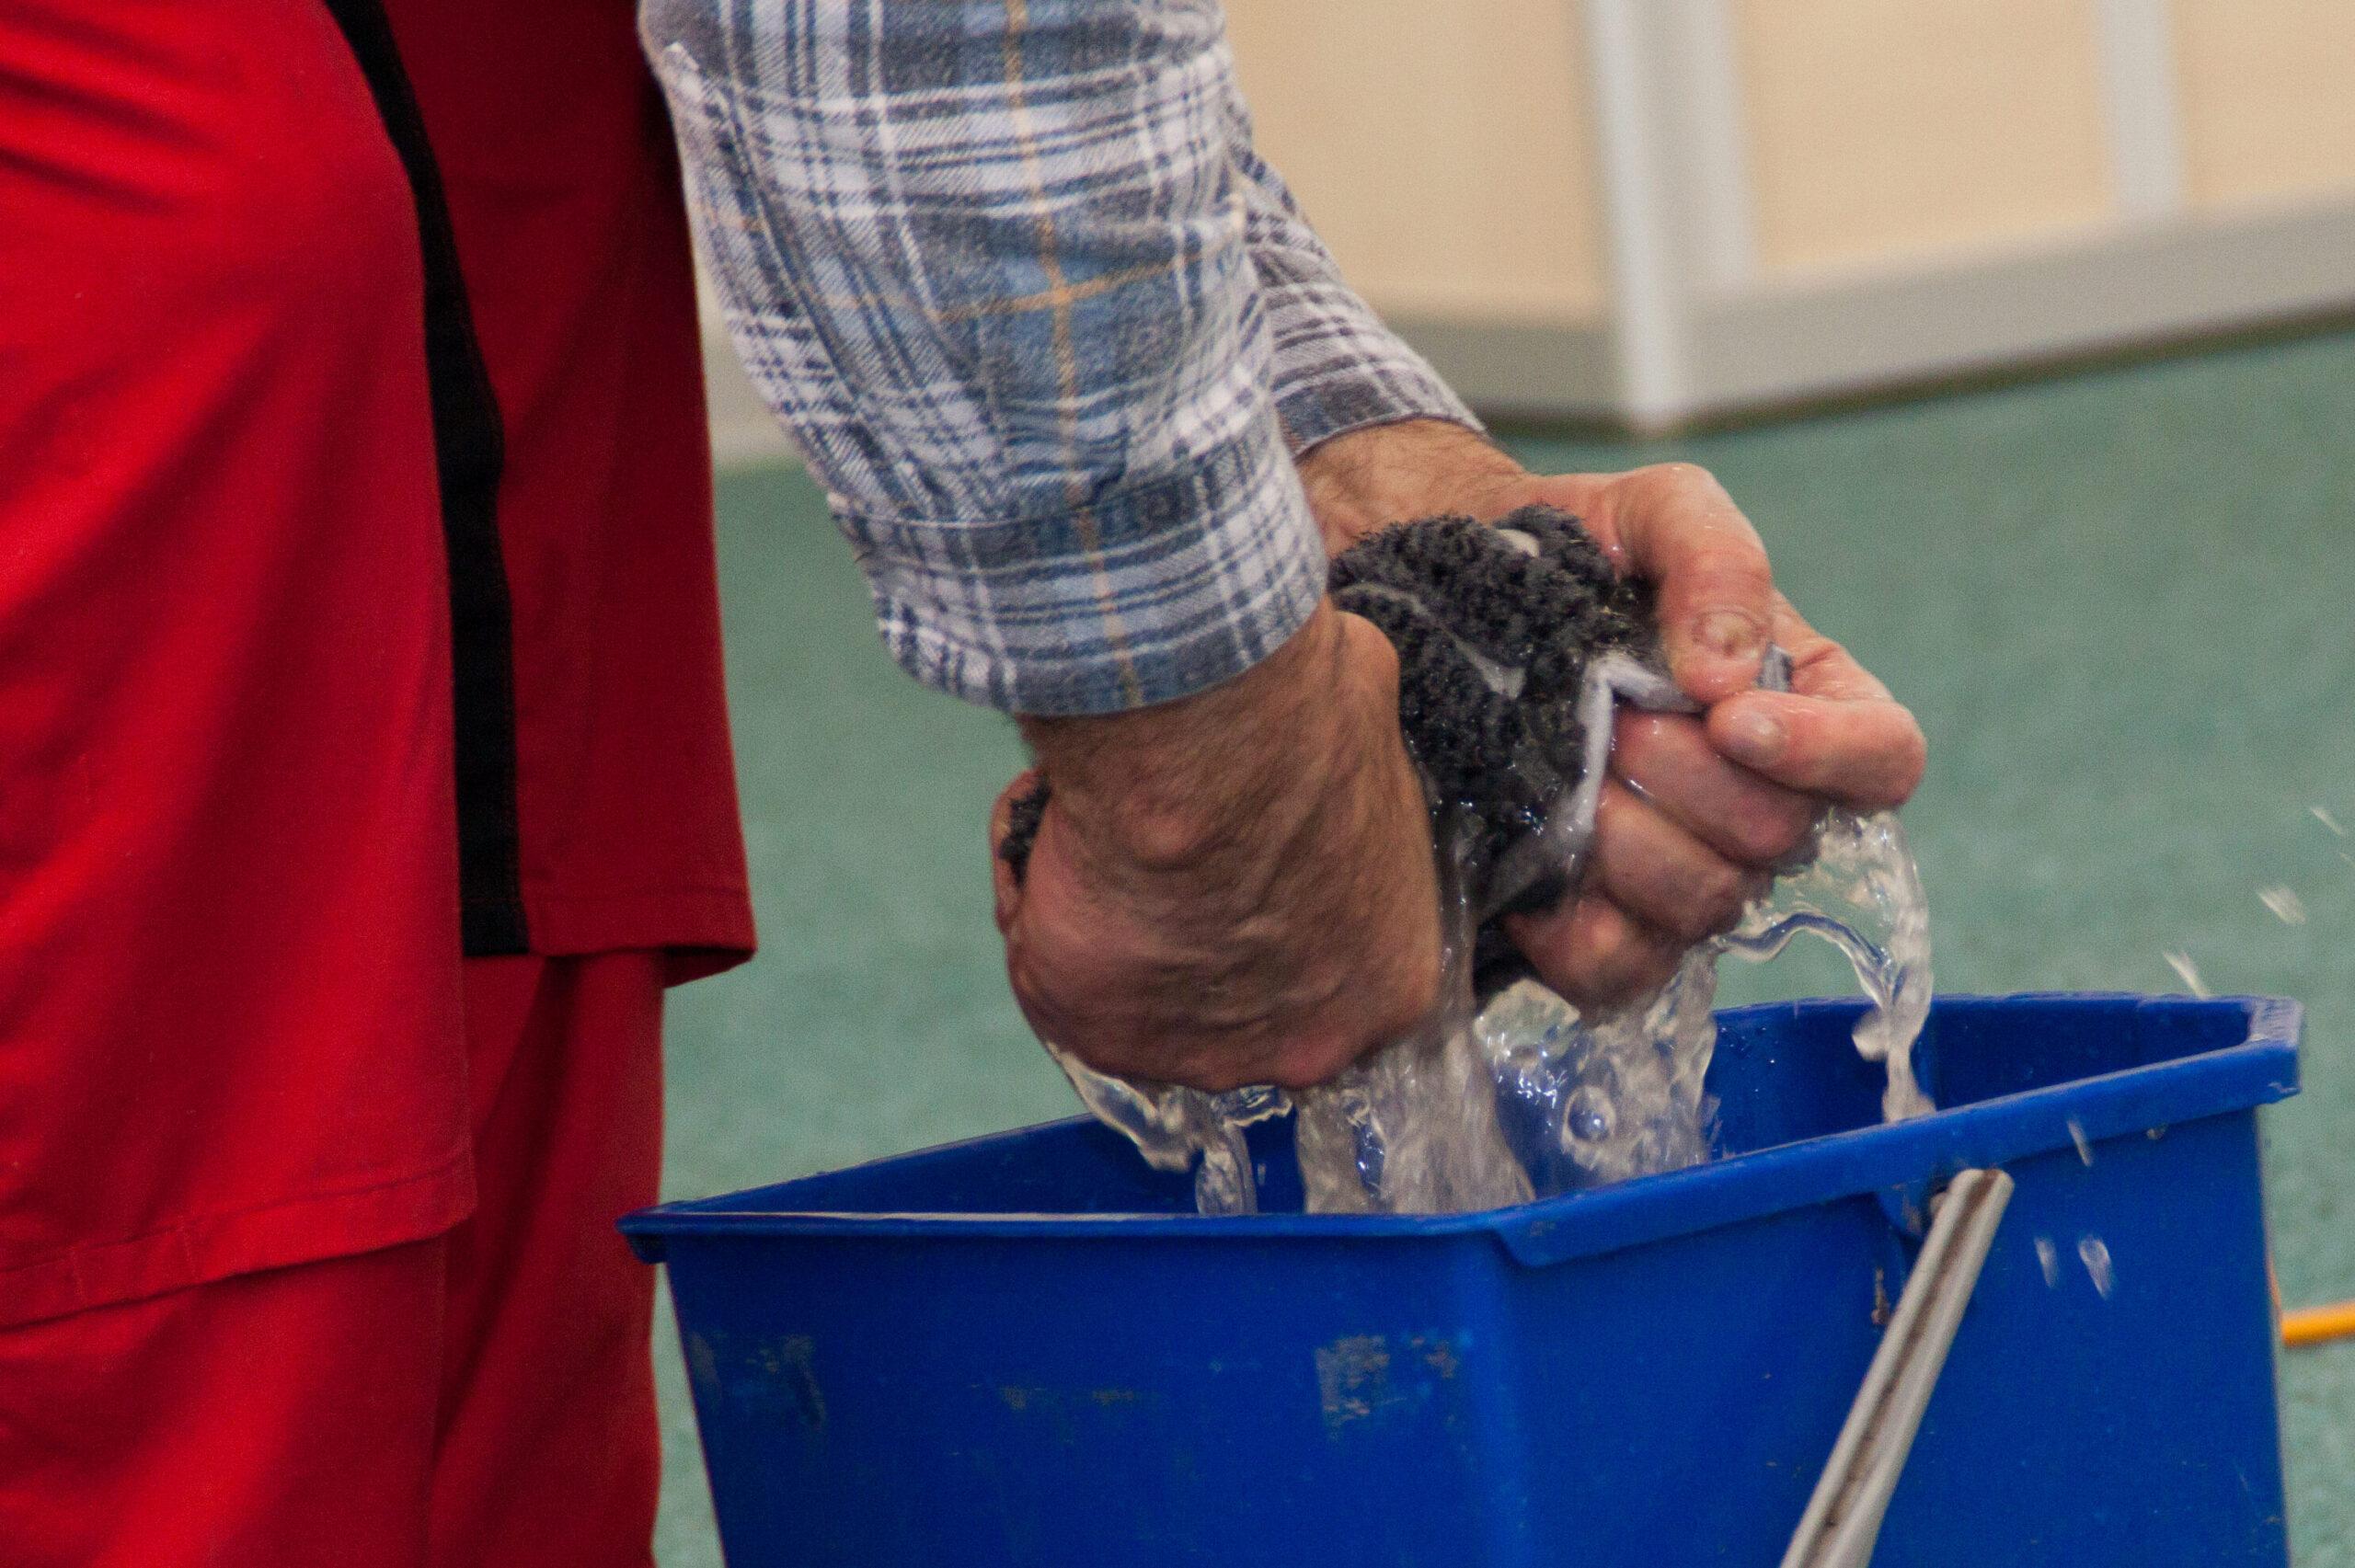 Mitarbeiter der RSN GmbH wringt einen nassen Mop über dem Eimer aus